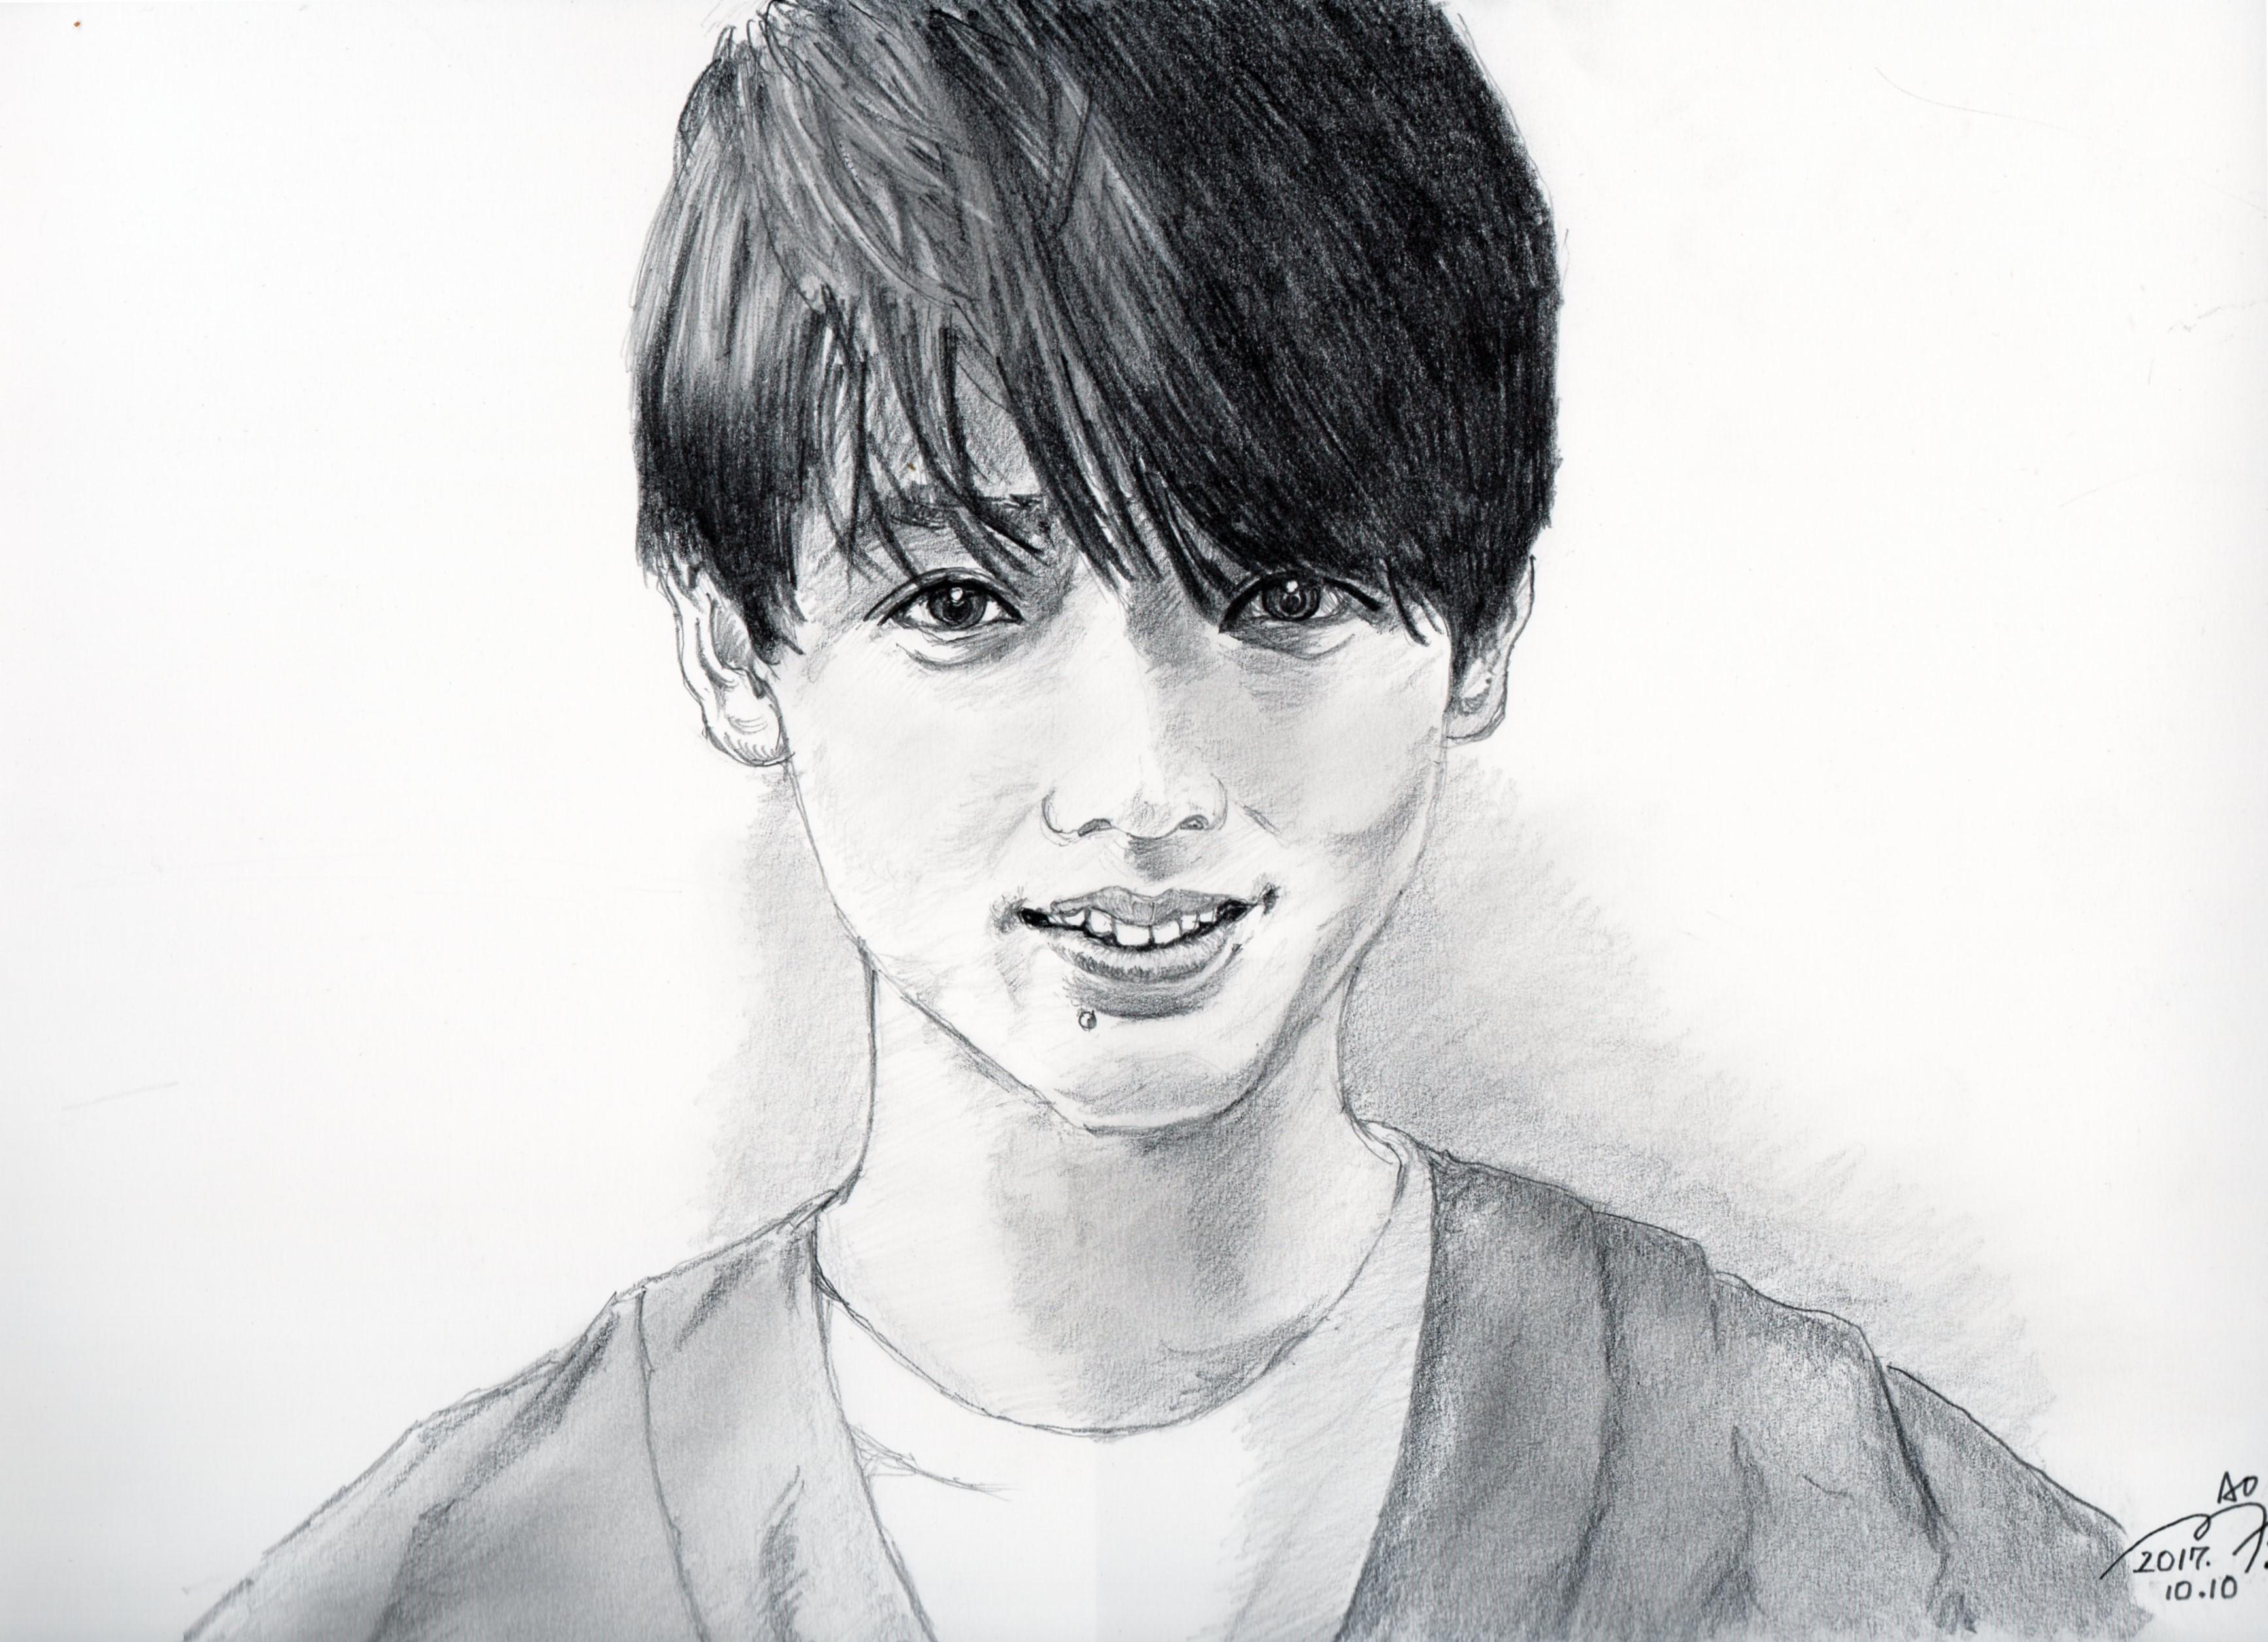 竹内涼真さんの鉛筆画似顔